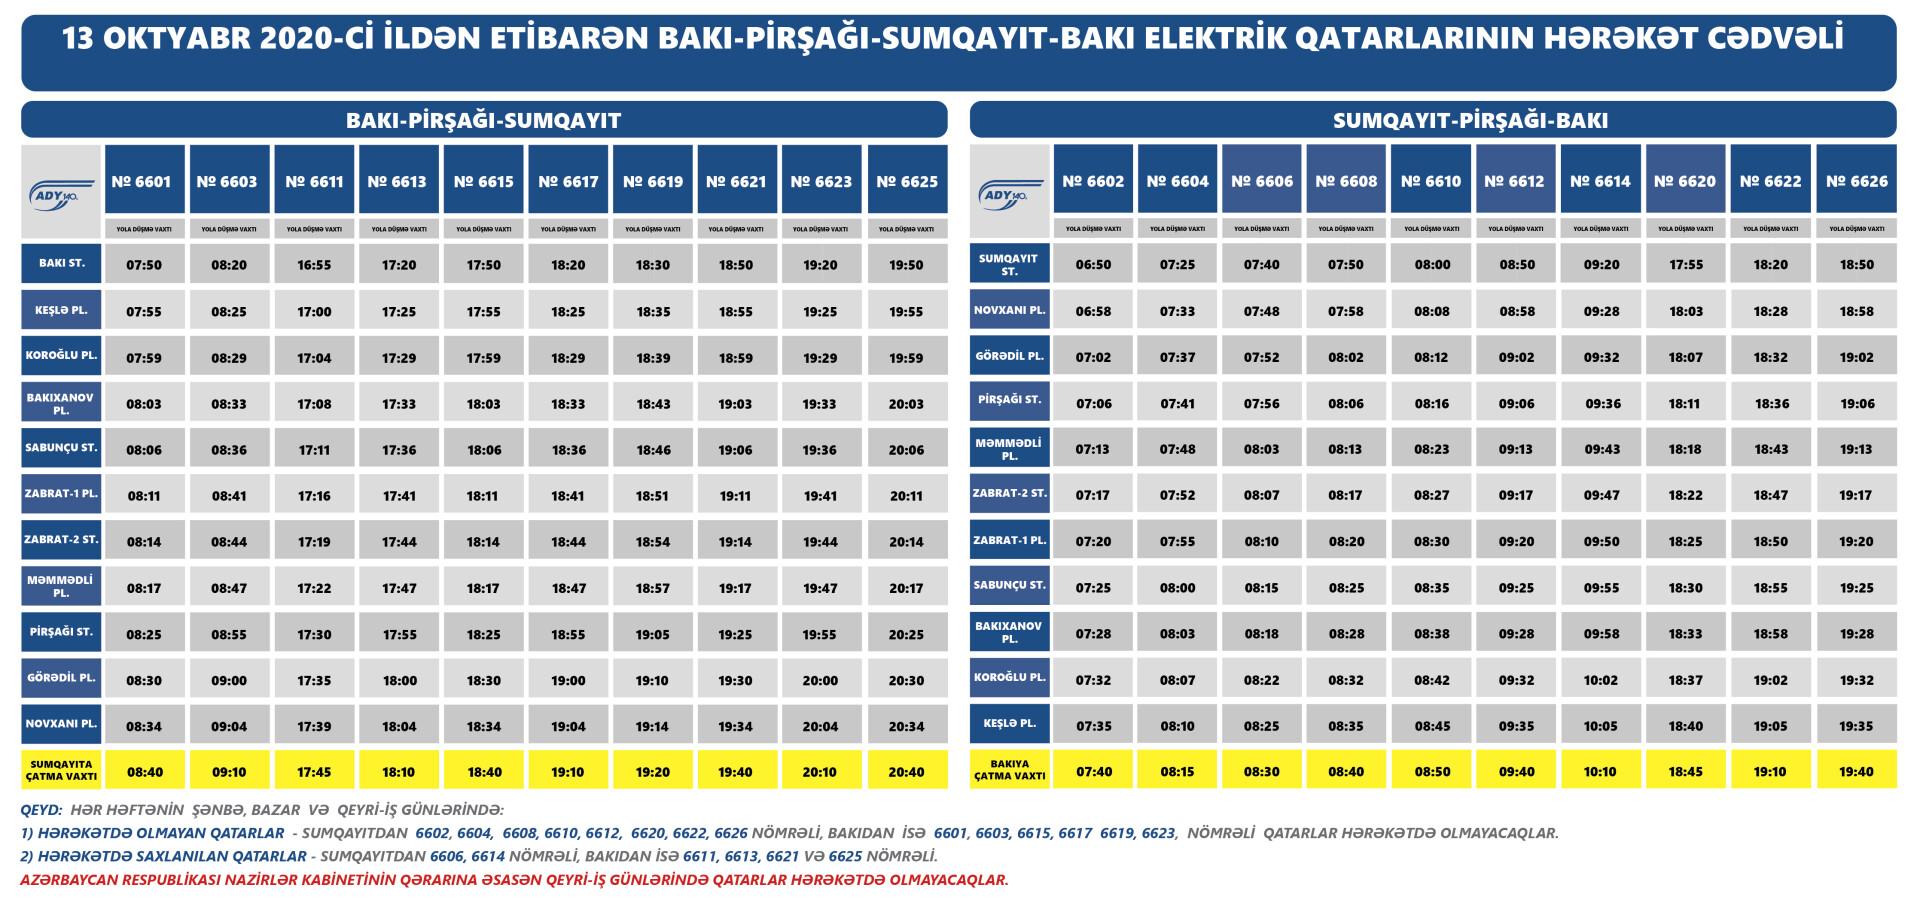 pages/576/6f723-11baki-pirshagi-sumqayit-baki-12102020-01.jpg